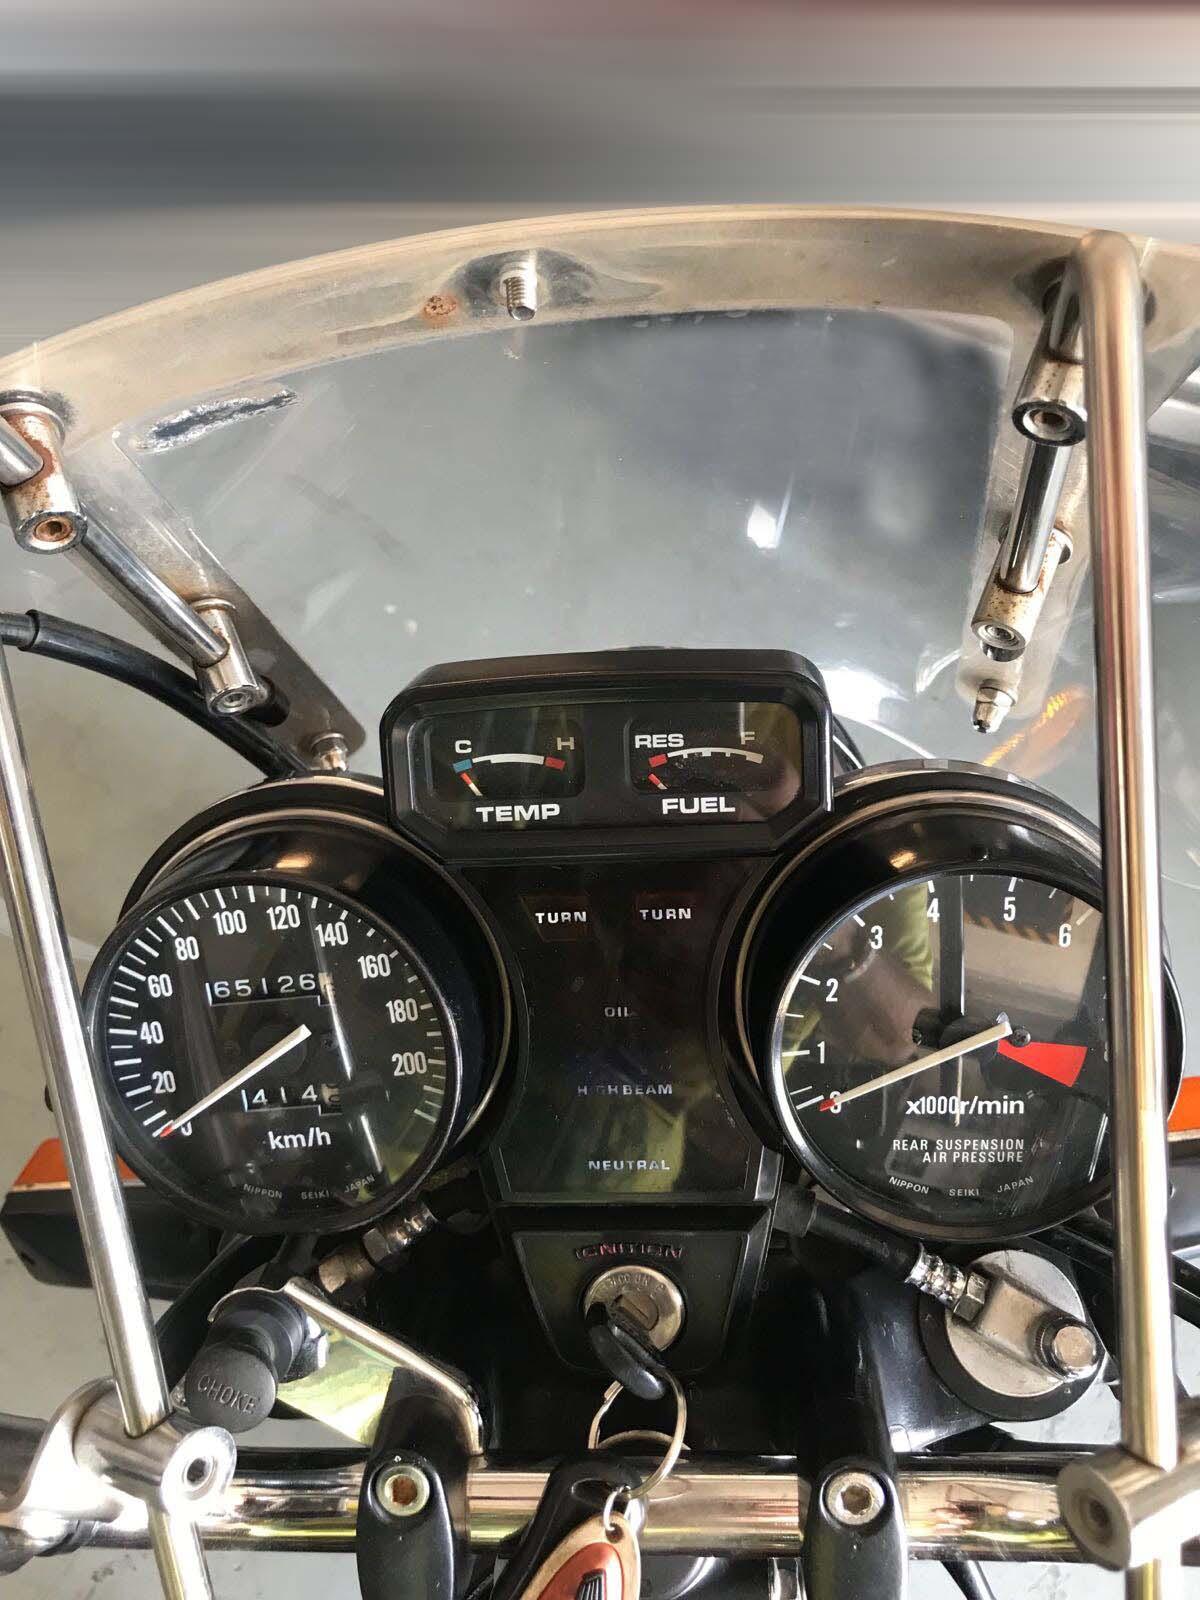 1980 Honda Goldwing